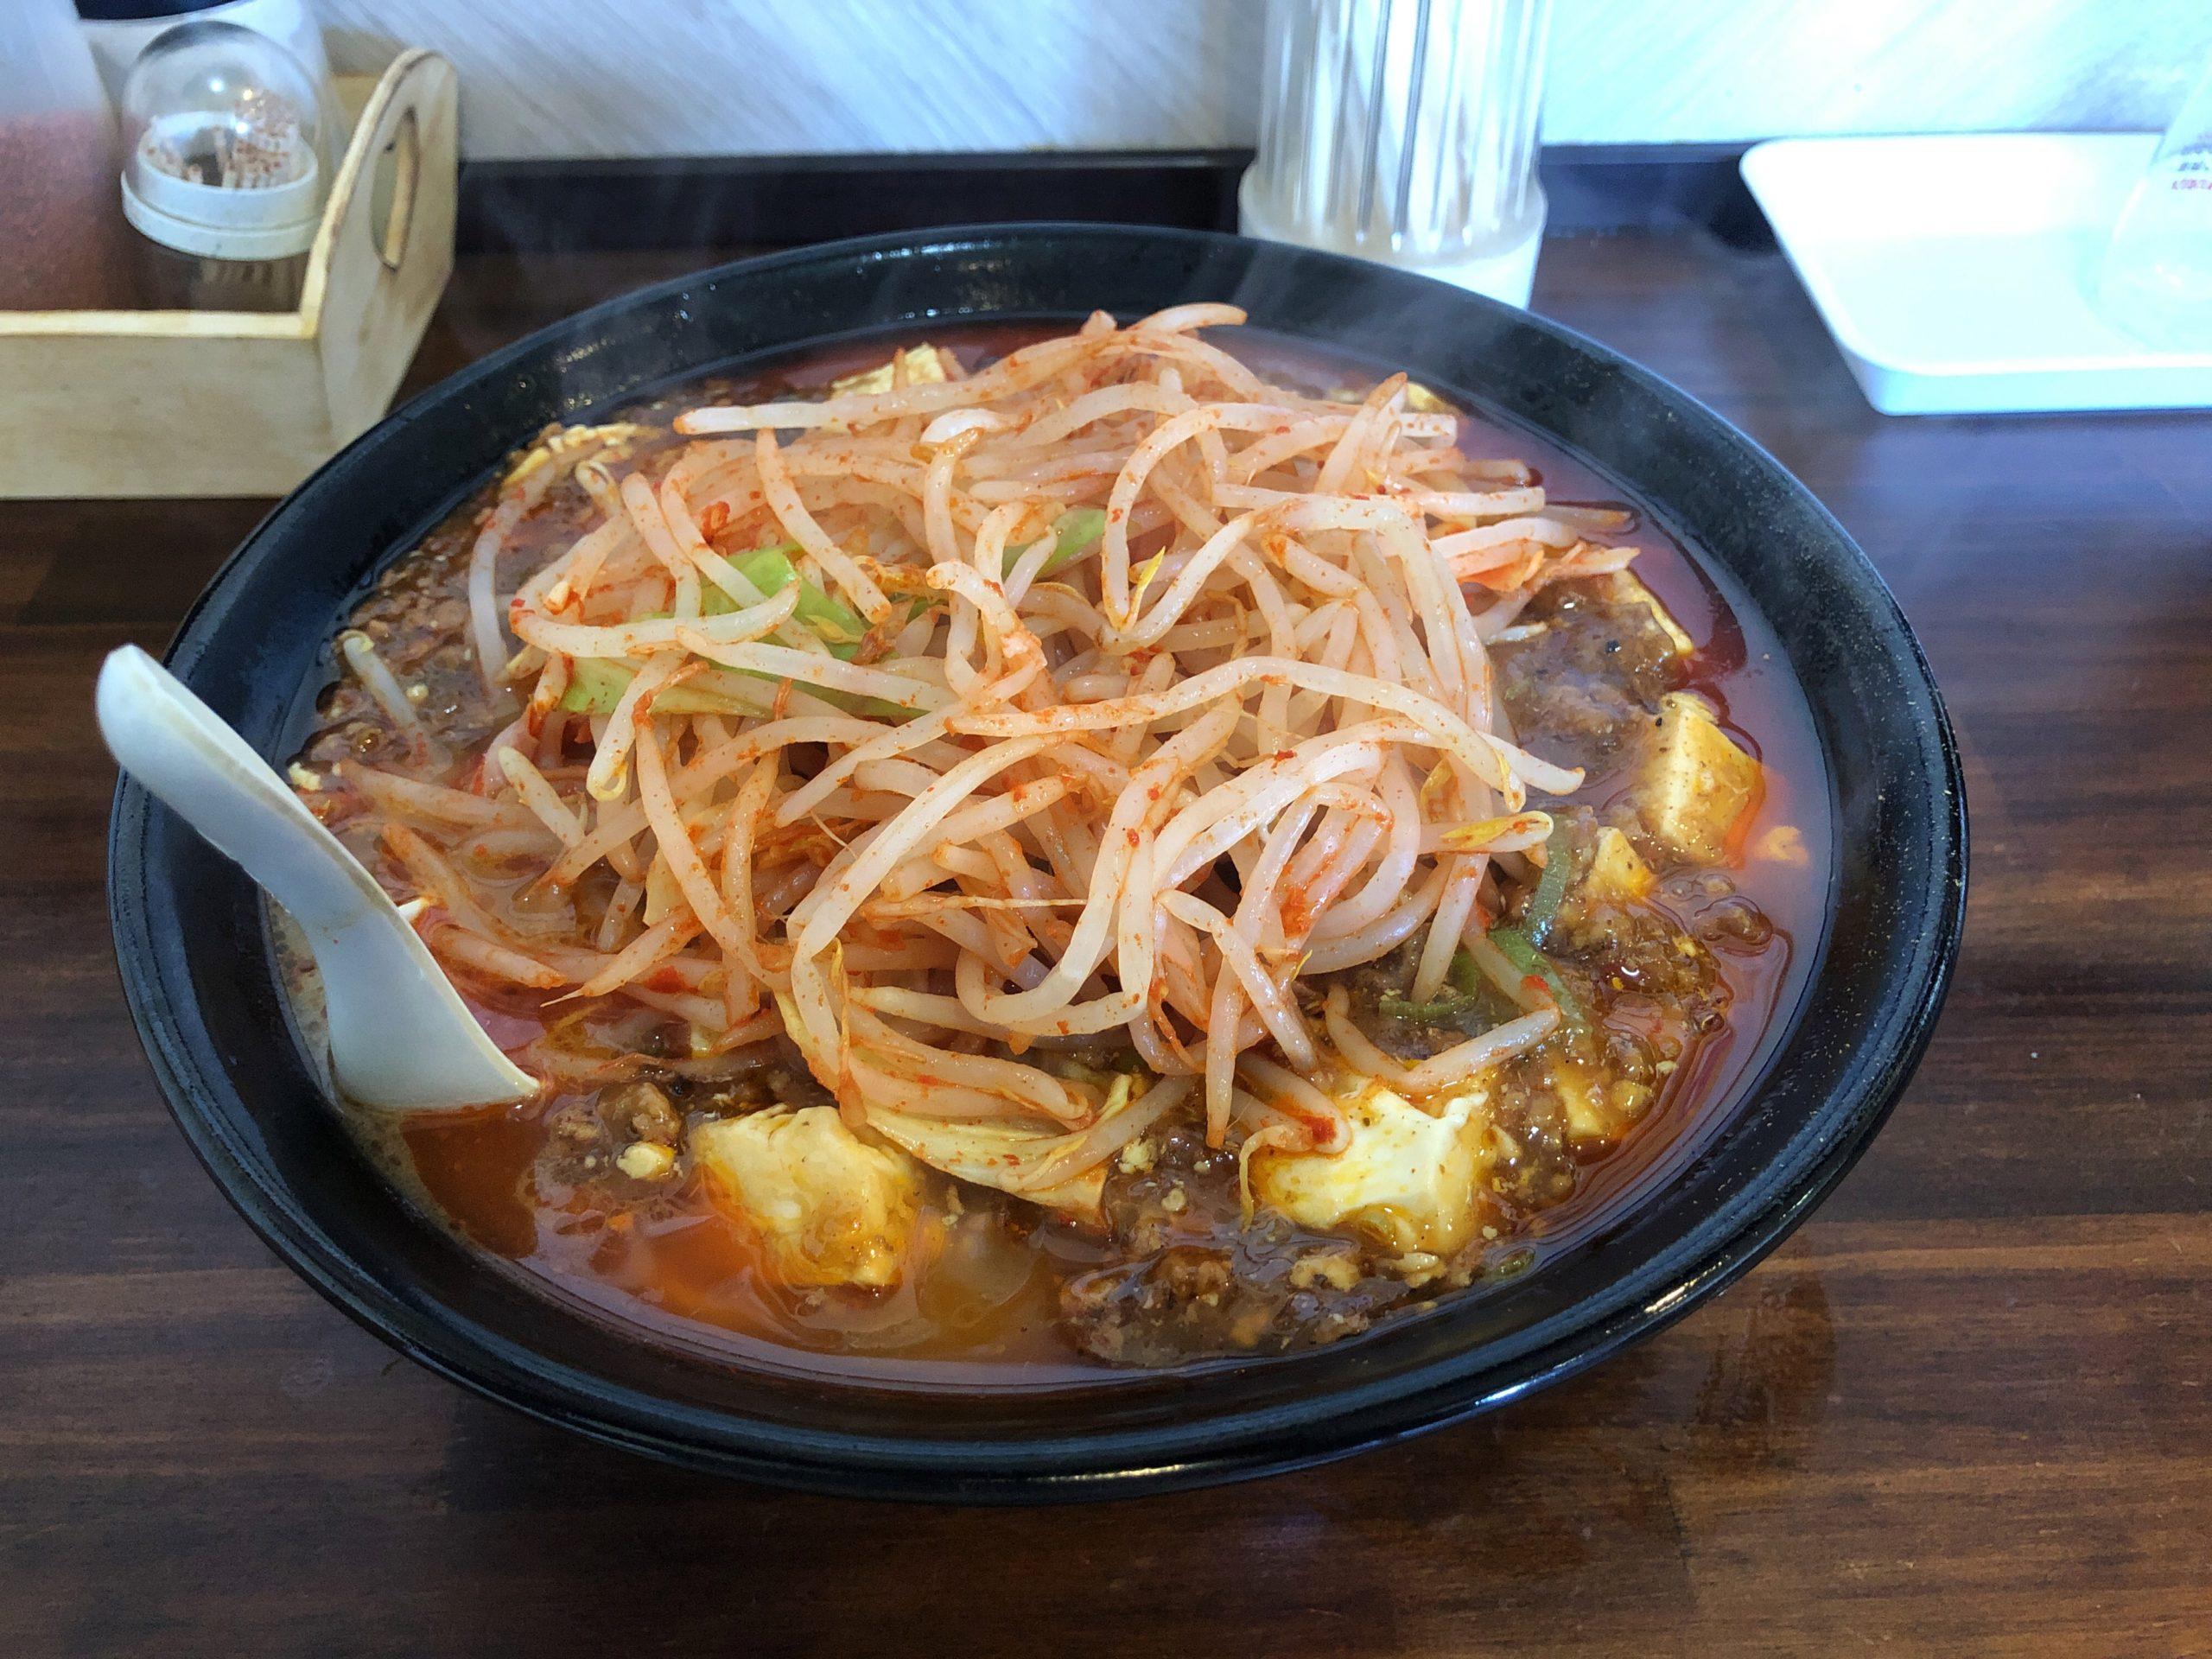 鹿沼環状線沿い、G系ラーメンが頂けるお店「中華そば伸」、新メニューのG系麻婆麺を食べてきた